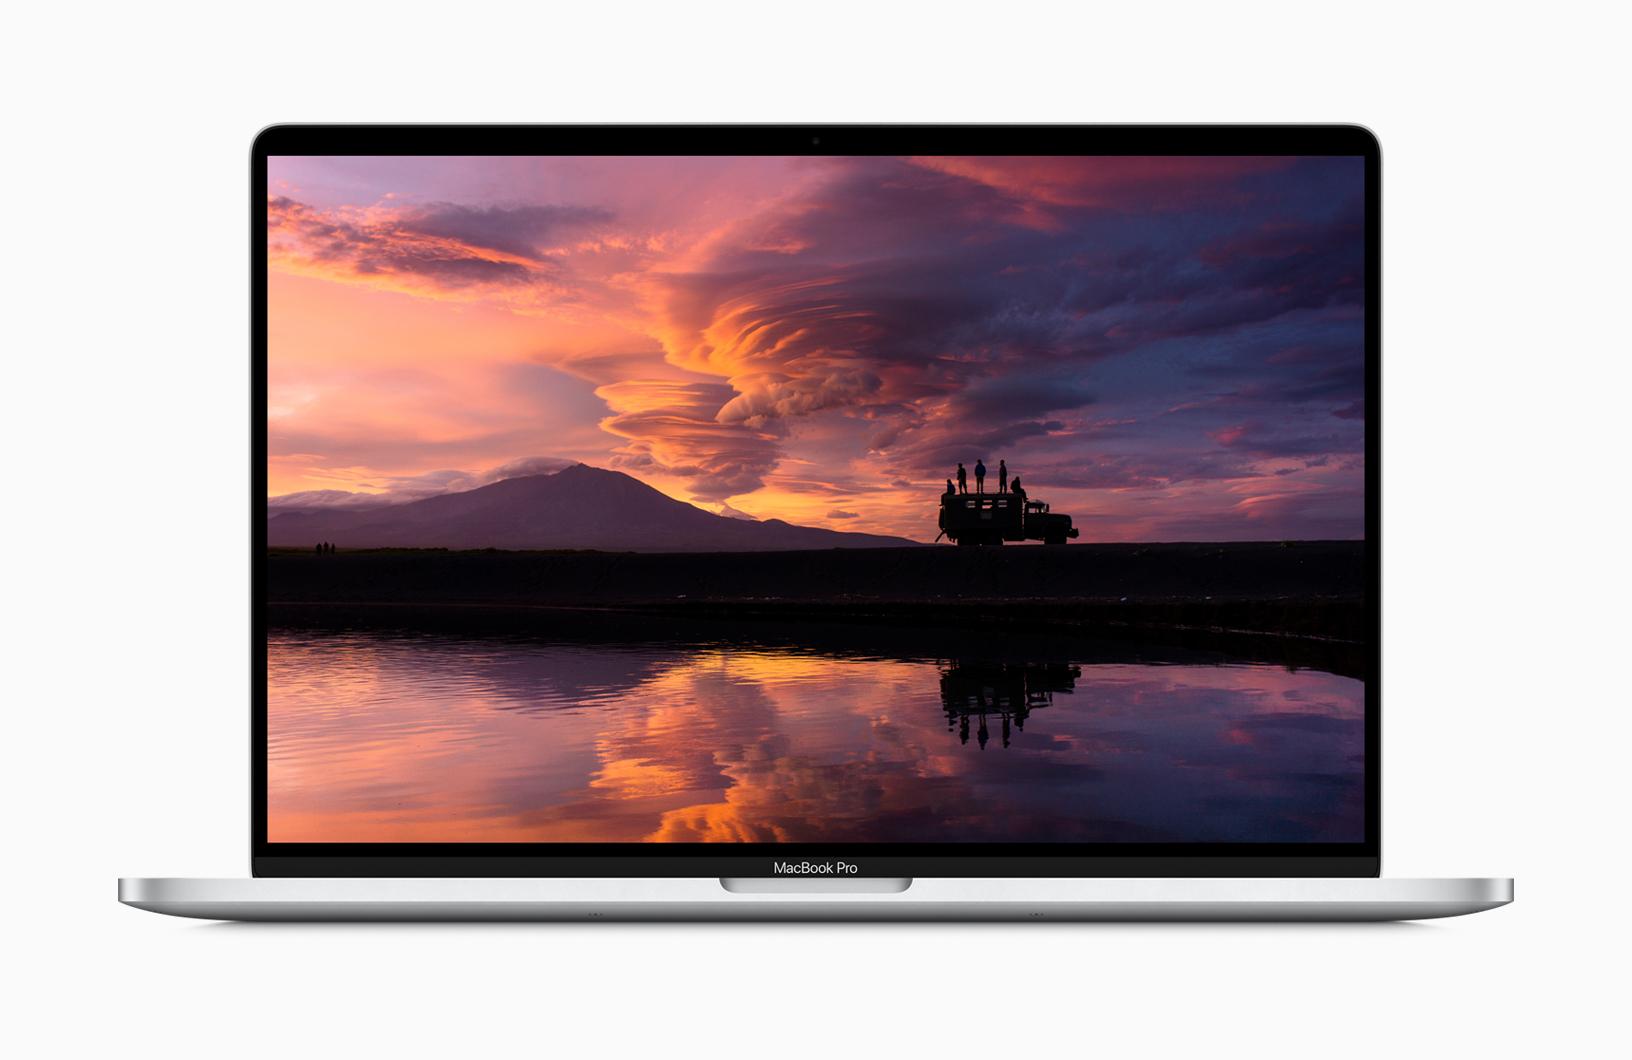 Cómo configurar las restricciones de edad en la app TV y Música en nuestro Mac - Hoy en Apple